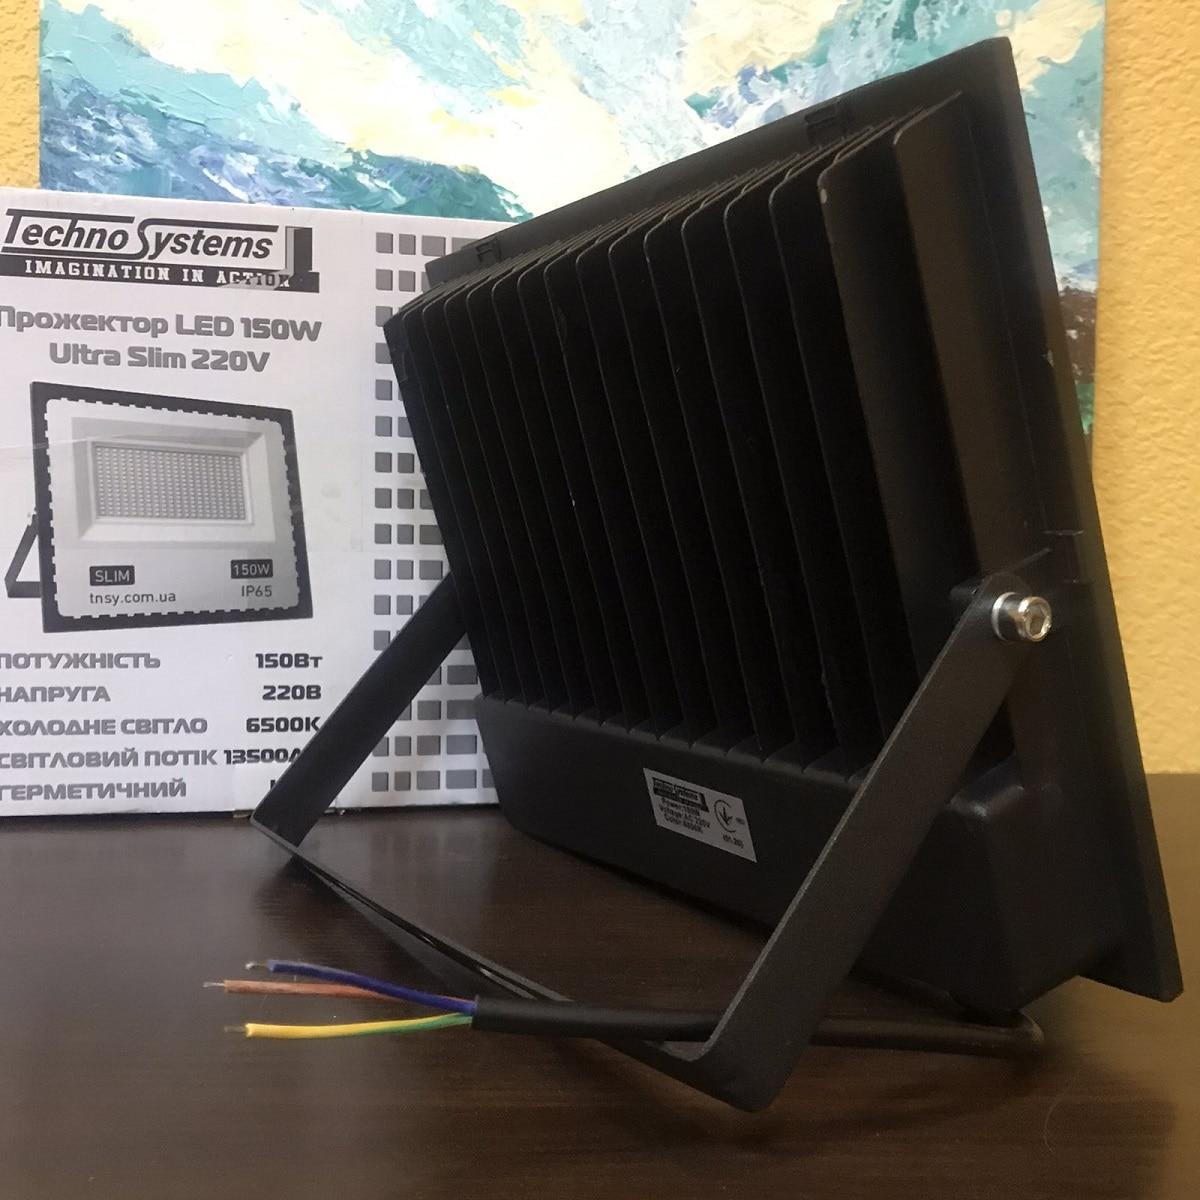 Светодиодное освещение - Лед прожектор 150W TNSy 180-260V IP65 SMD 000000447 - Фото 3